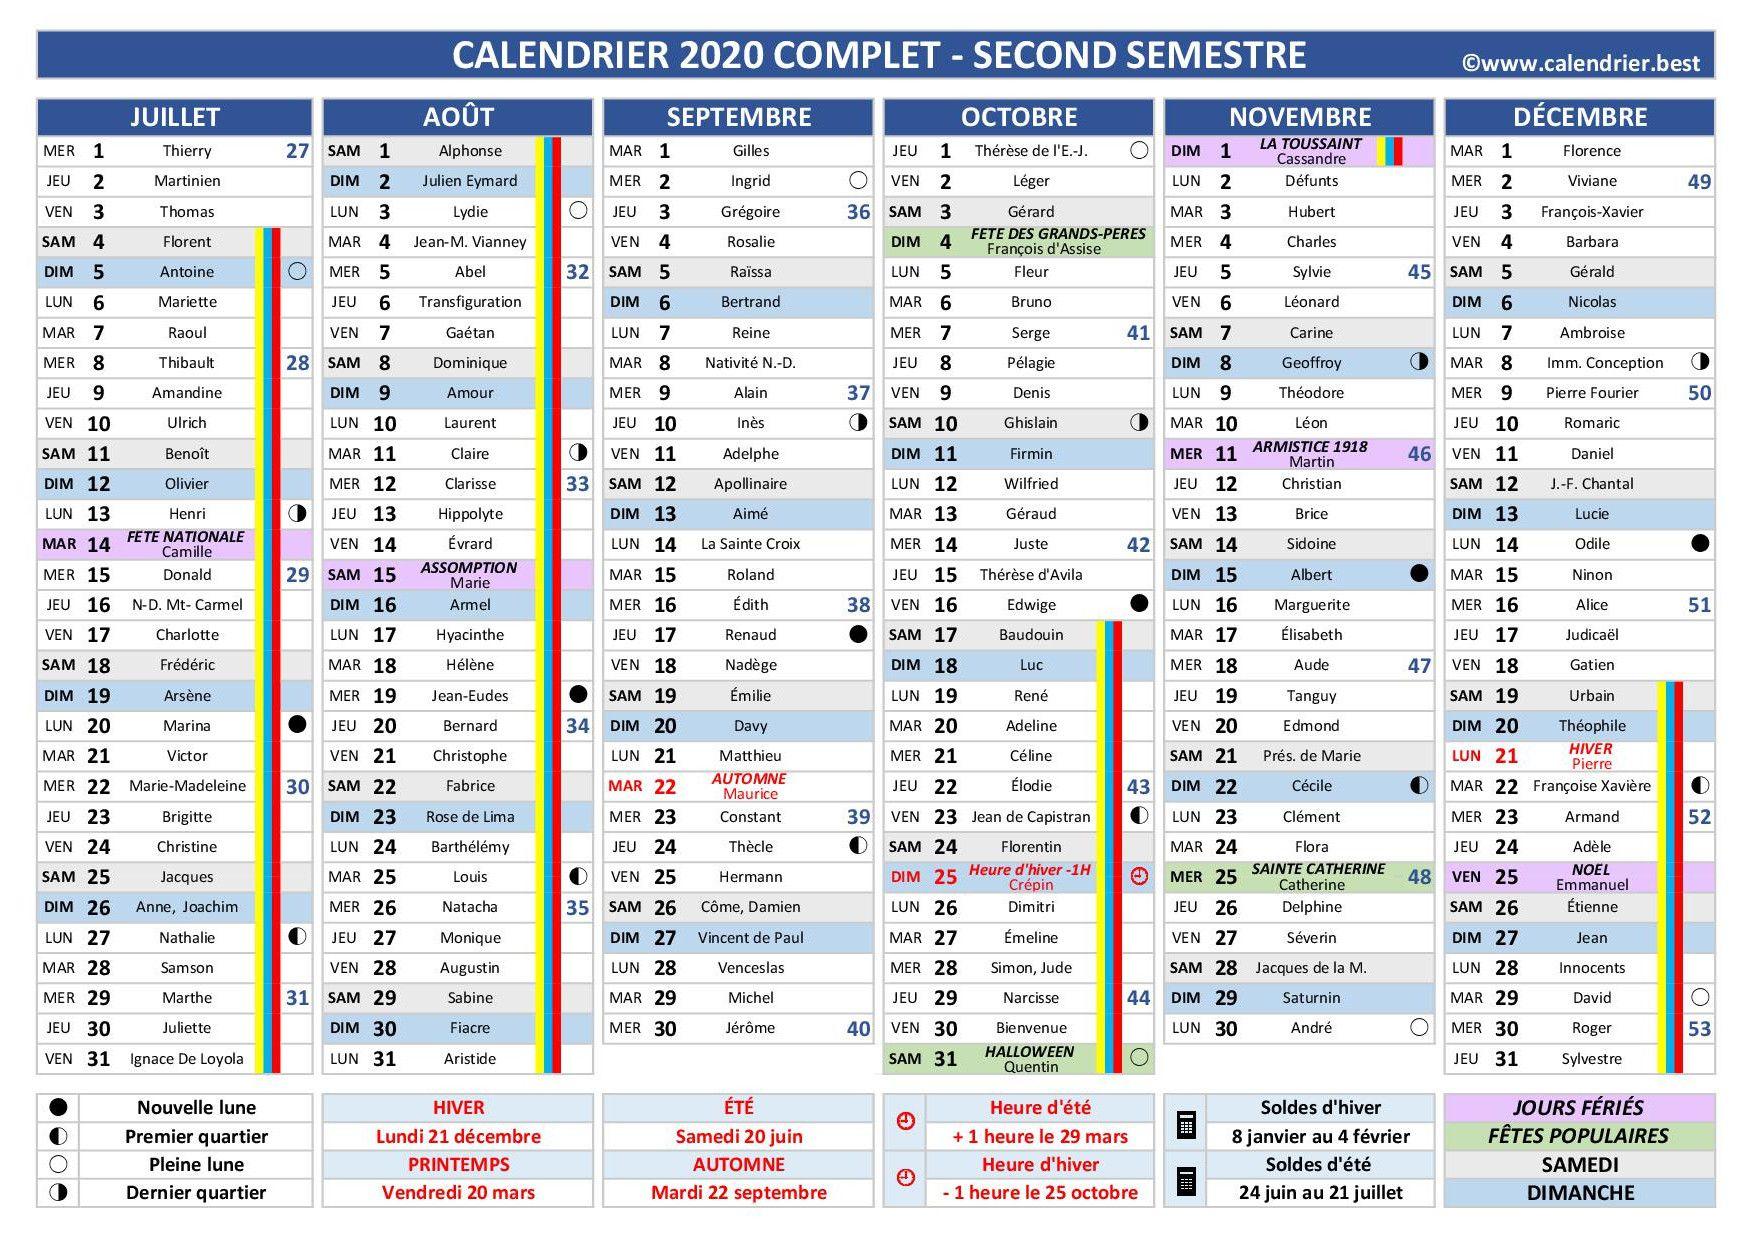 Calendrier 2020 2nd semestre, modèle complet en 2020 | Calendrier